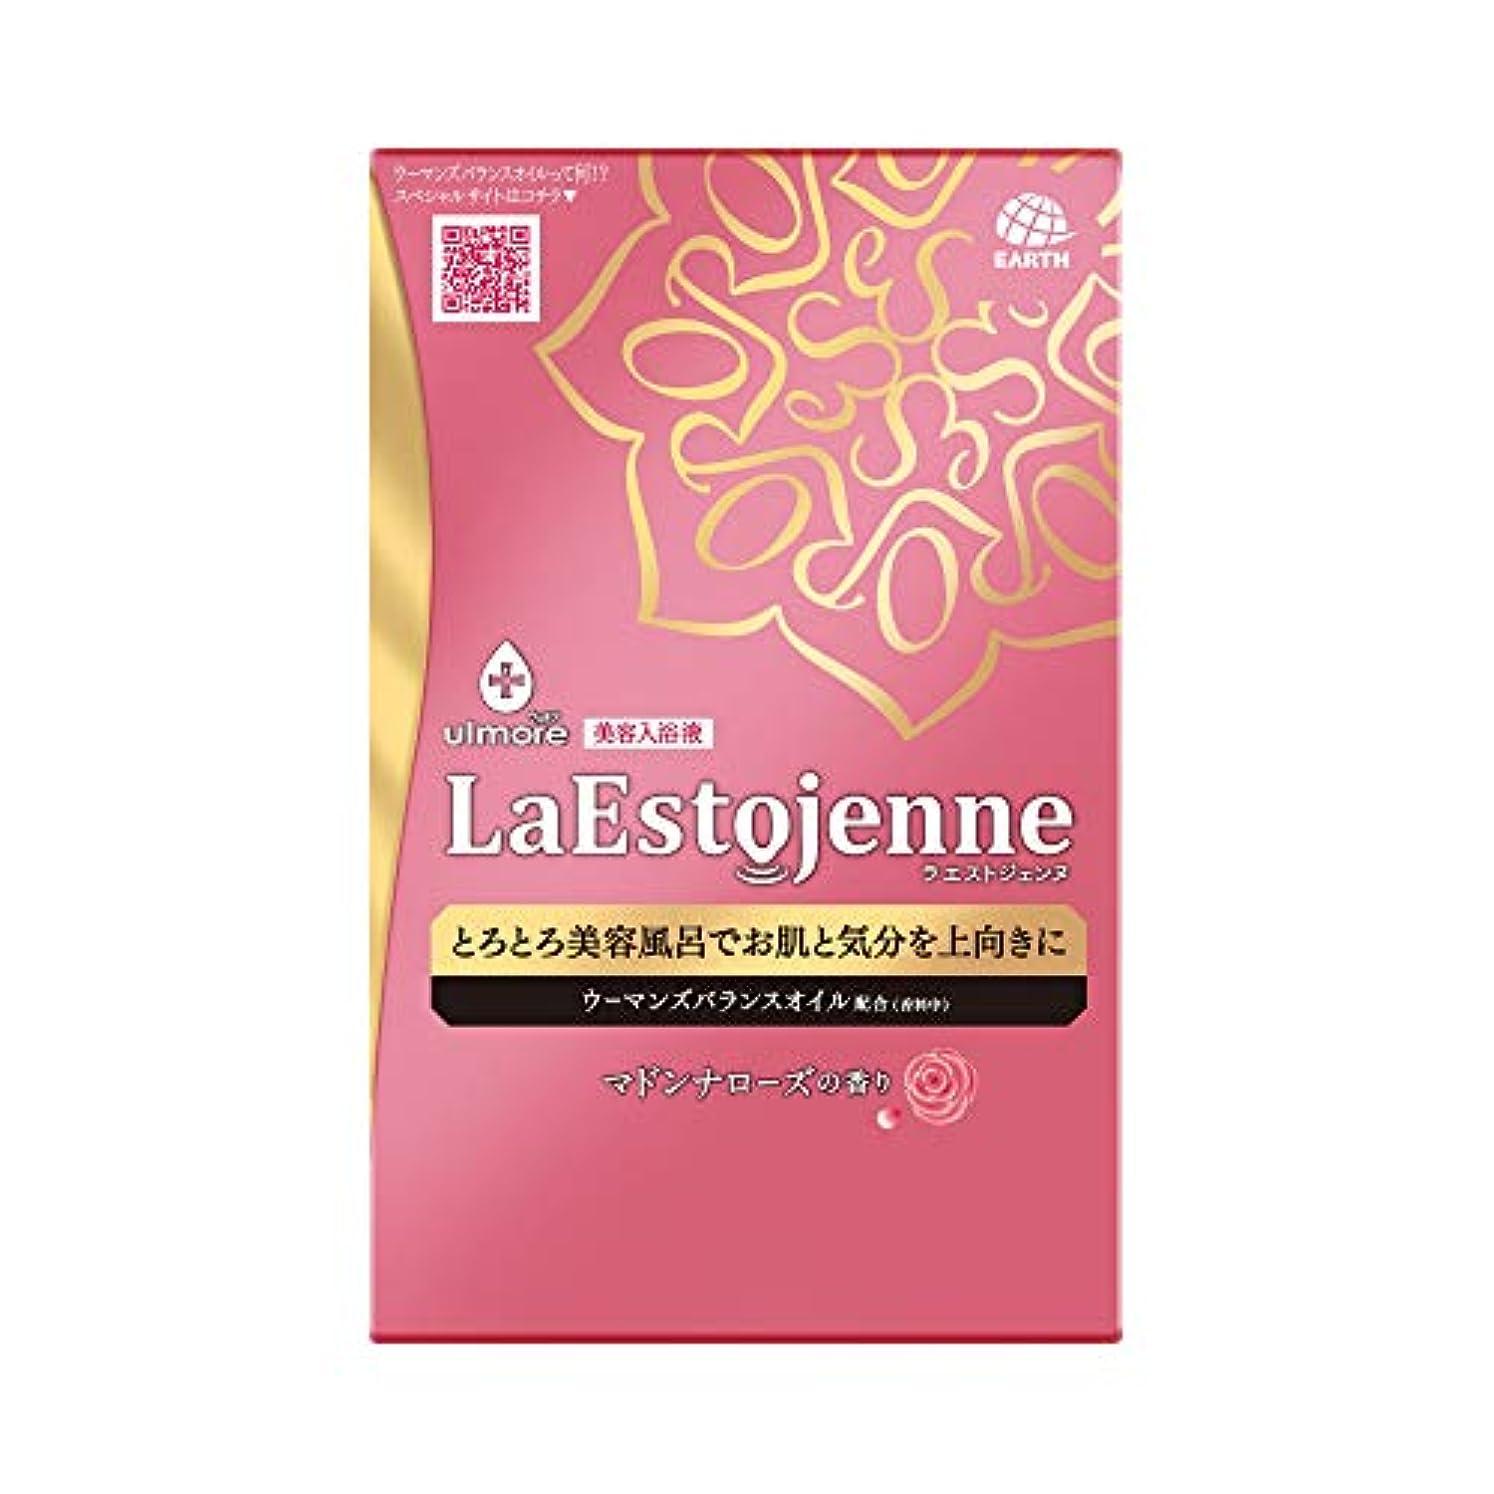 ホット褐色悲観的ウルモア ラエストジェンヌ 入浴剤 マドンナローズの香り [160ml x 3包入り]